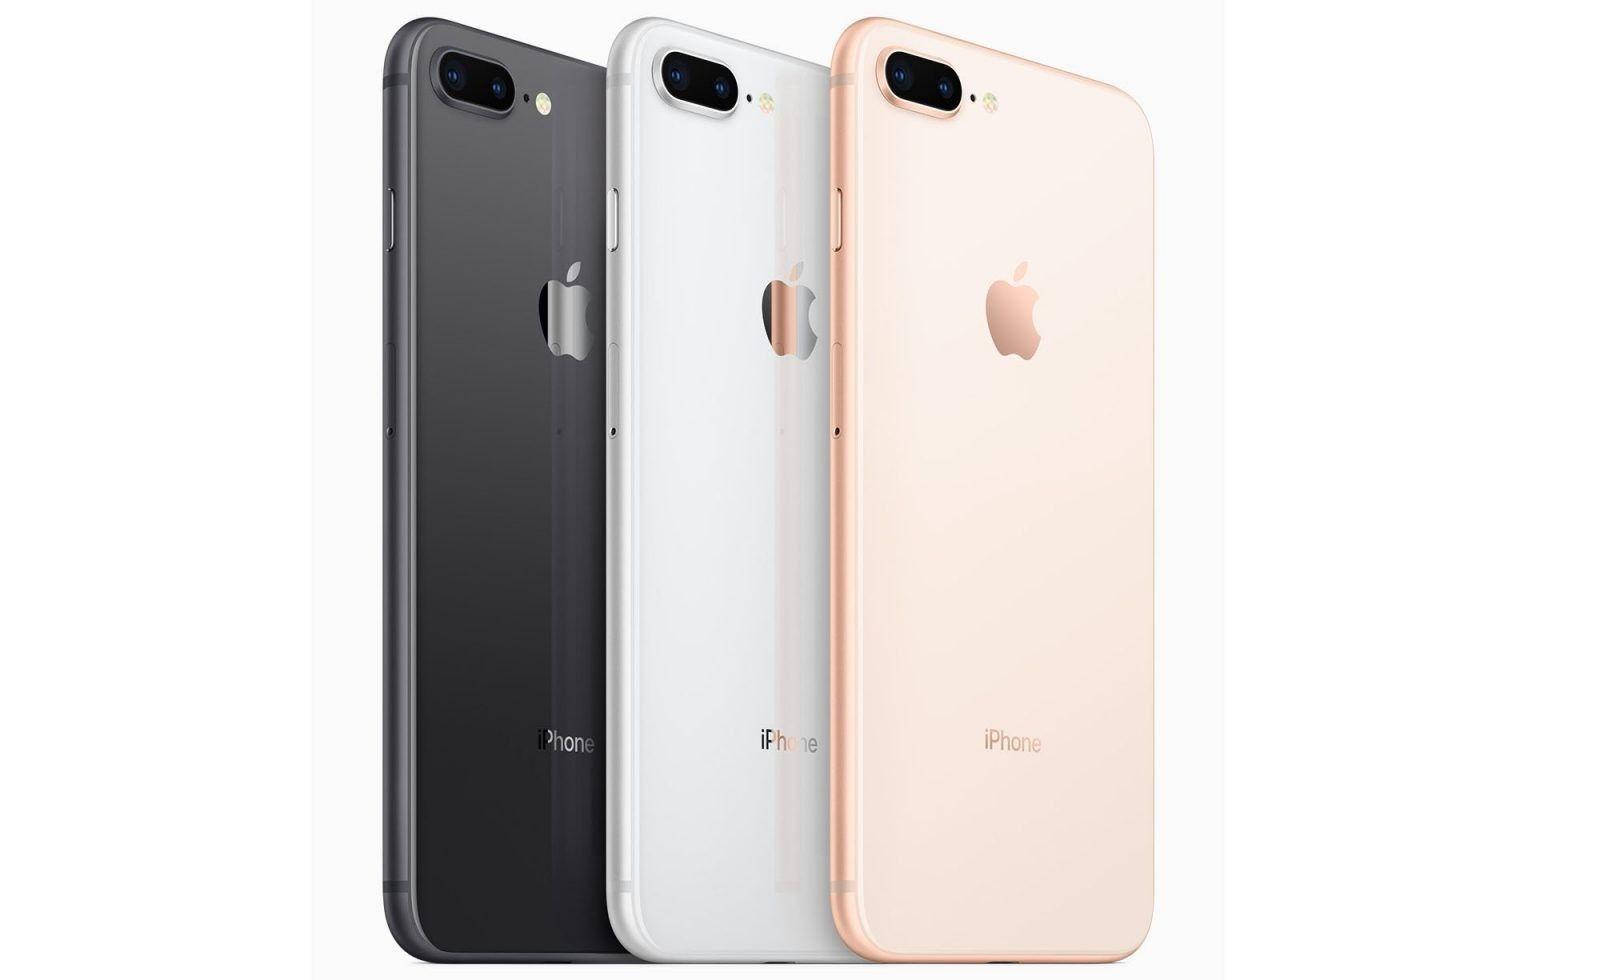 Najnowsze iPhone'y i różnice w zapisach na dysku